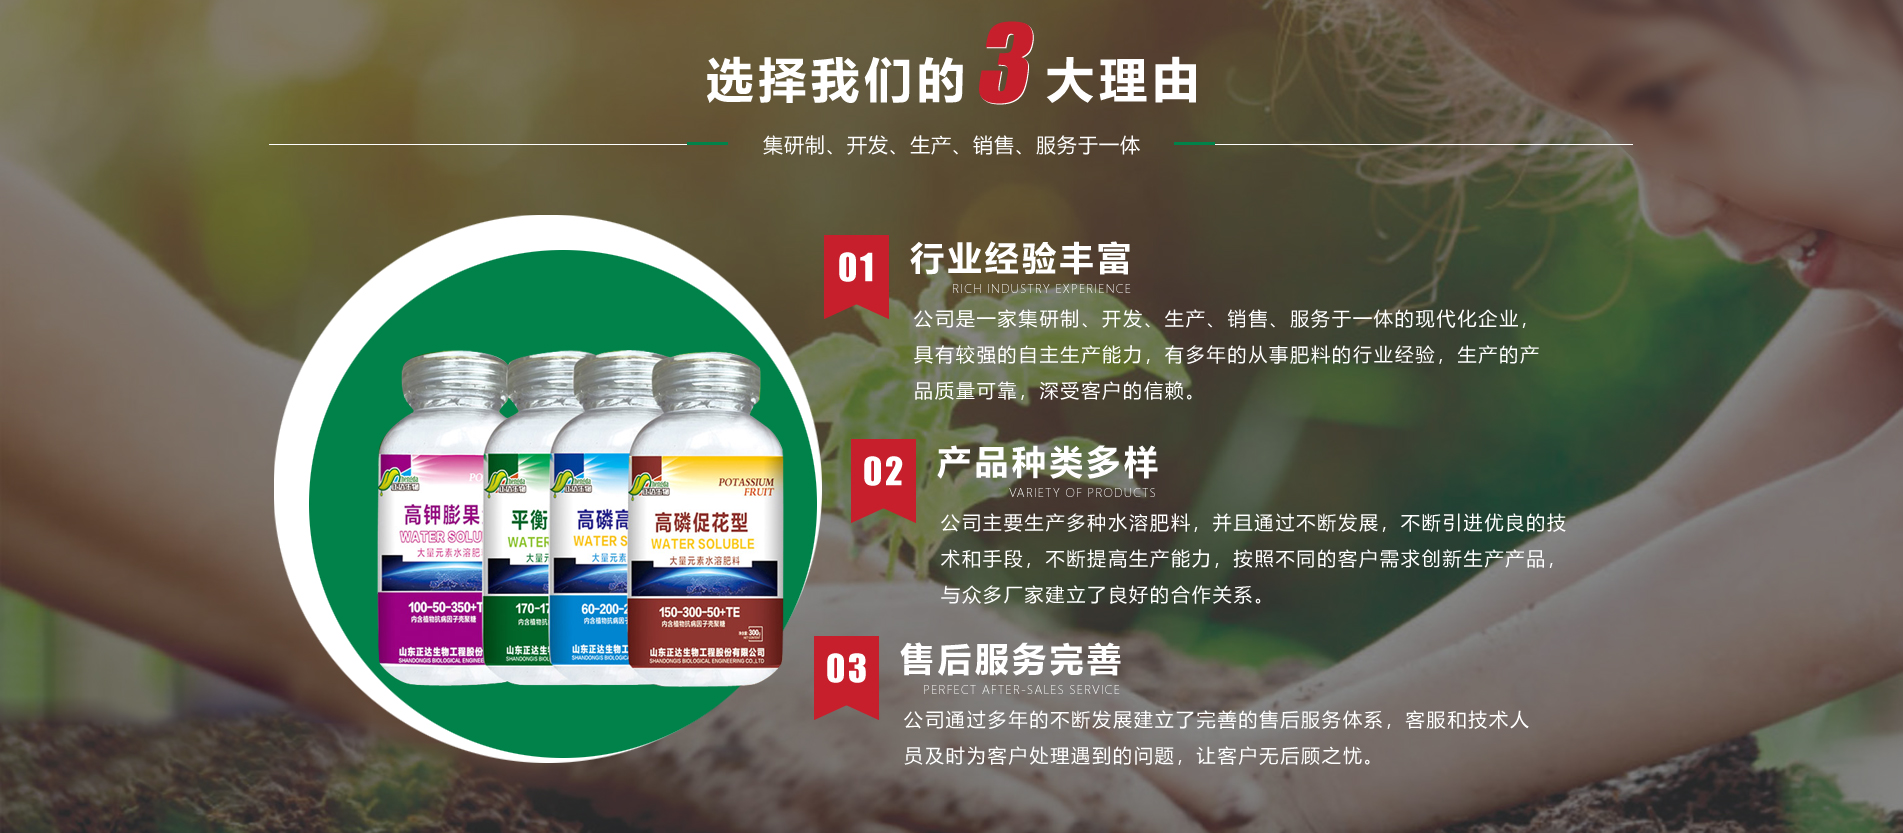 山东正达生物工程股份有限公司